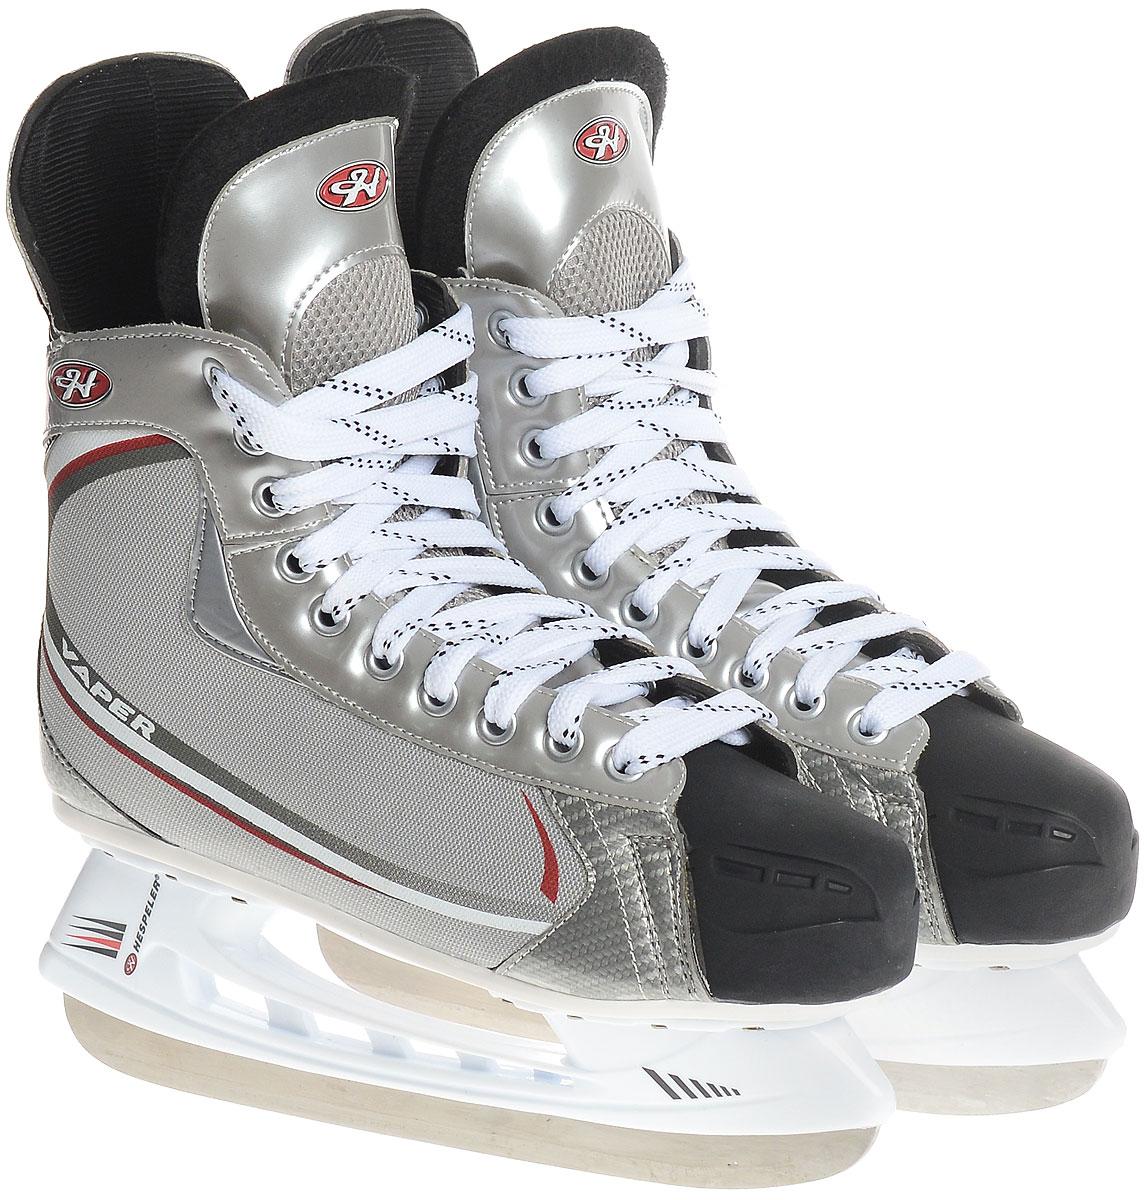 Коньки хоккейные мужские Hespeler Vaper, цвет: серый, белый, красный. Размер 41Vaper_серый, белый, красный_41Спортивные, облегченные хоккейные коньки с ударопрочной защитной конструкцией от Hespeler Vaper предназначены для соревнований и тренировок. Ботинки изготовлены из комбинации текстиля и морозостойкого полиуретана, который защитит ноги от ударов. Выполненные по всем необходимым стандартам, они имеют традиционную шнуровку с высоким задником и язычком, плотно обхватывающими ногу. Внутренняя часть и стелька выполнены из текстиля, а язычок - из войлока, который обеспечит тепло и комфорт во время катания. Прочные композитные вставки на мысках выдержат даже сильные удары о бортик. Голеностоп имеет удобный суппорт.Изделие по бокам и на язычке декорировано оригинальным принтом и тиснением в виде логотипа бренда.Подошва - из твердого пластика. Лезвие изготовлено из стали со специальным покрытием, придающим дополнительную прочность. Стильные коньки придутся вам по душе.